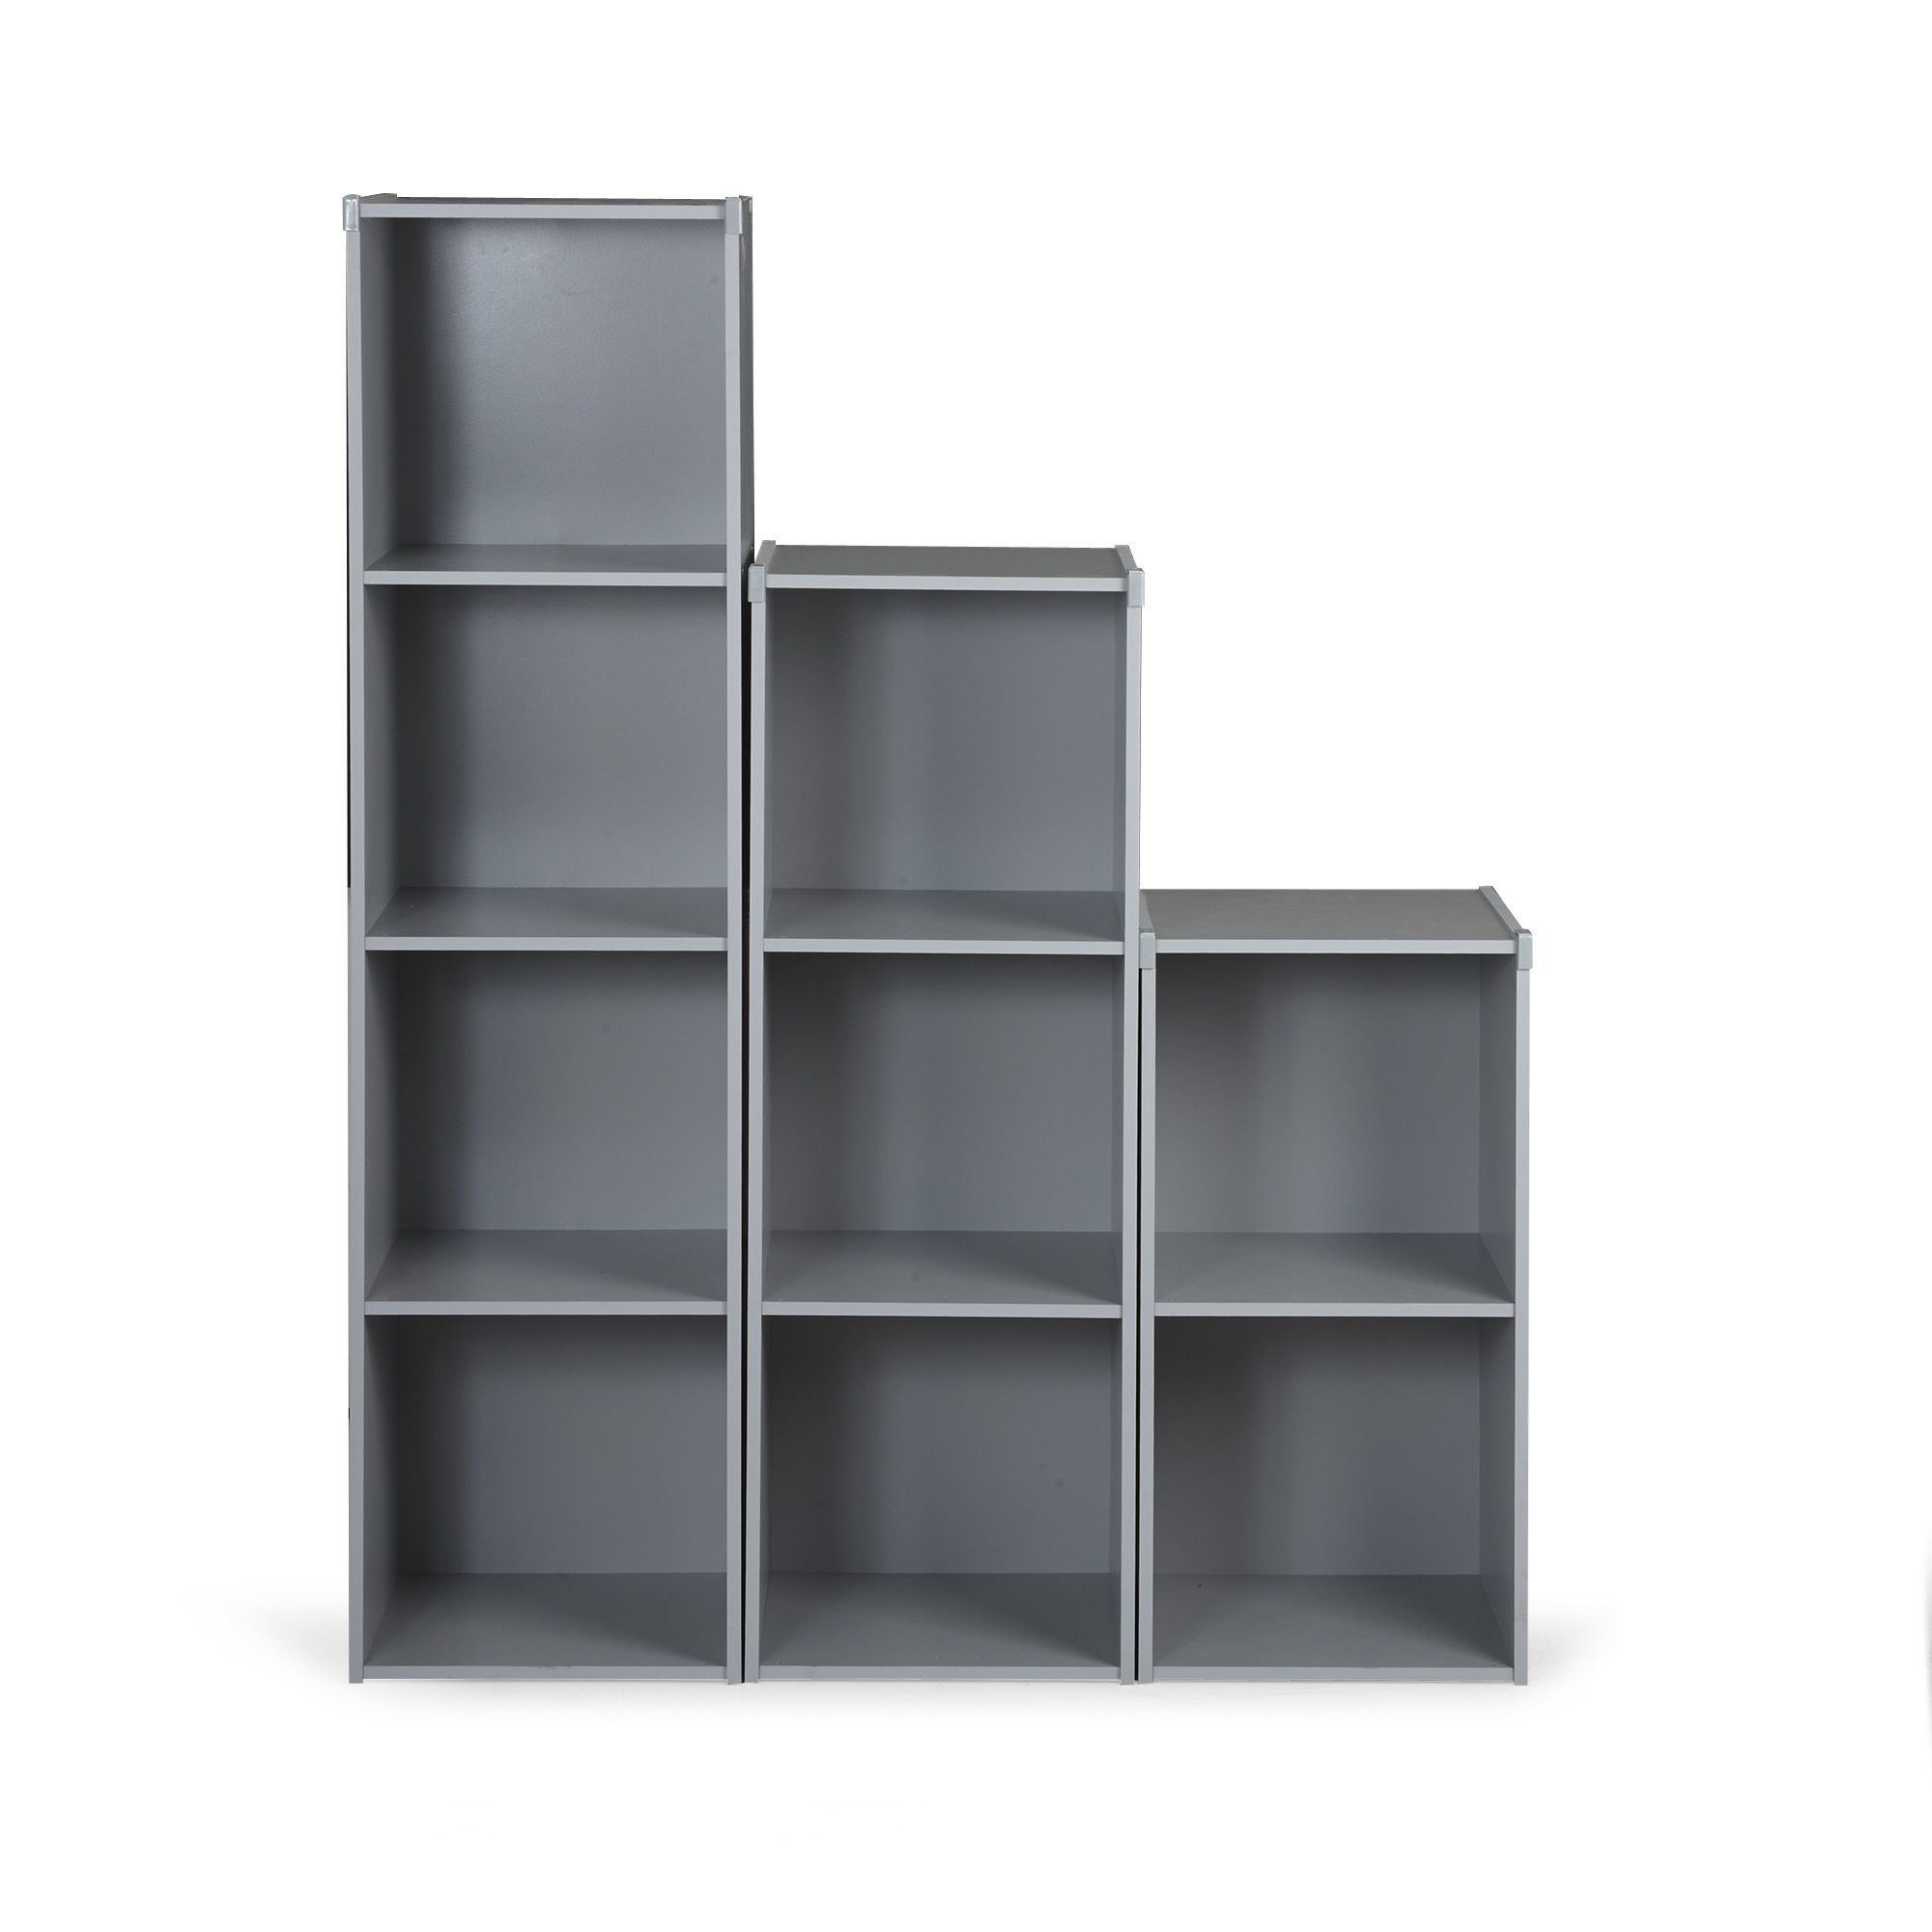 rangement gris pour chambre d 39 enfant plusieurs choix de tailles hobbit les biblioth ques. Black Bedroom Furniture Sets. Home Design Ideas